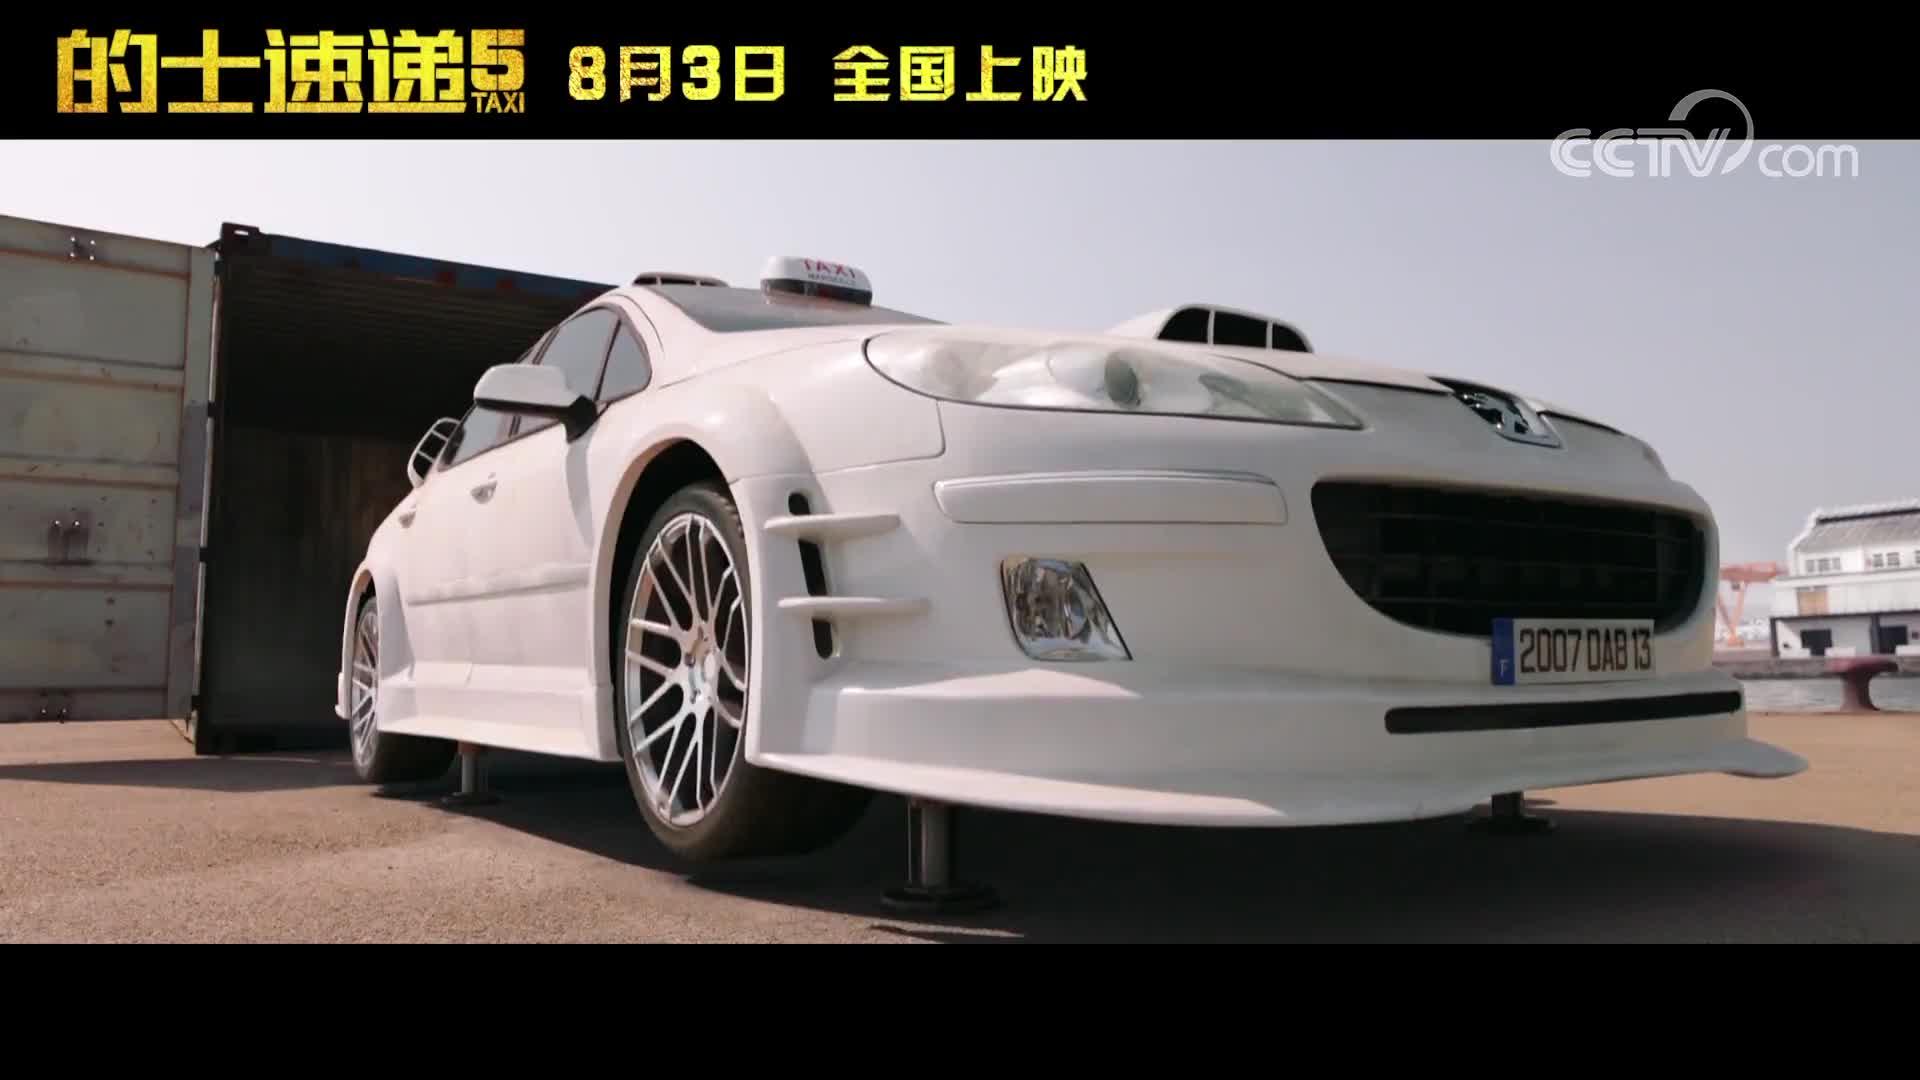 [视频]《的士速递5》发布终极预告海报 新手飙车演绎极速浪漫